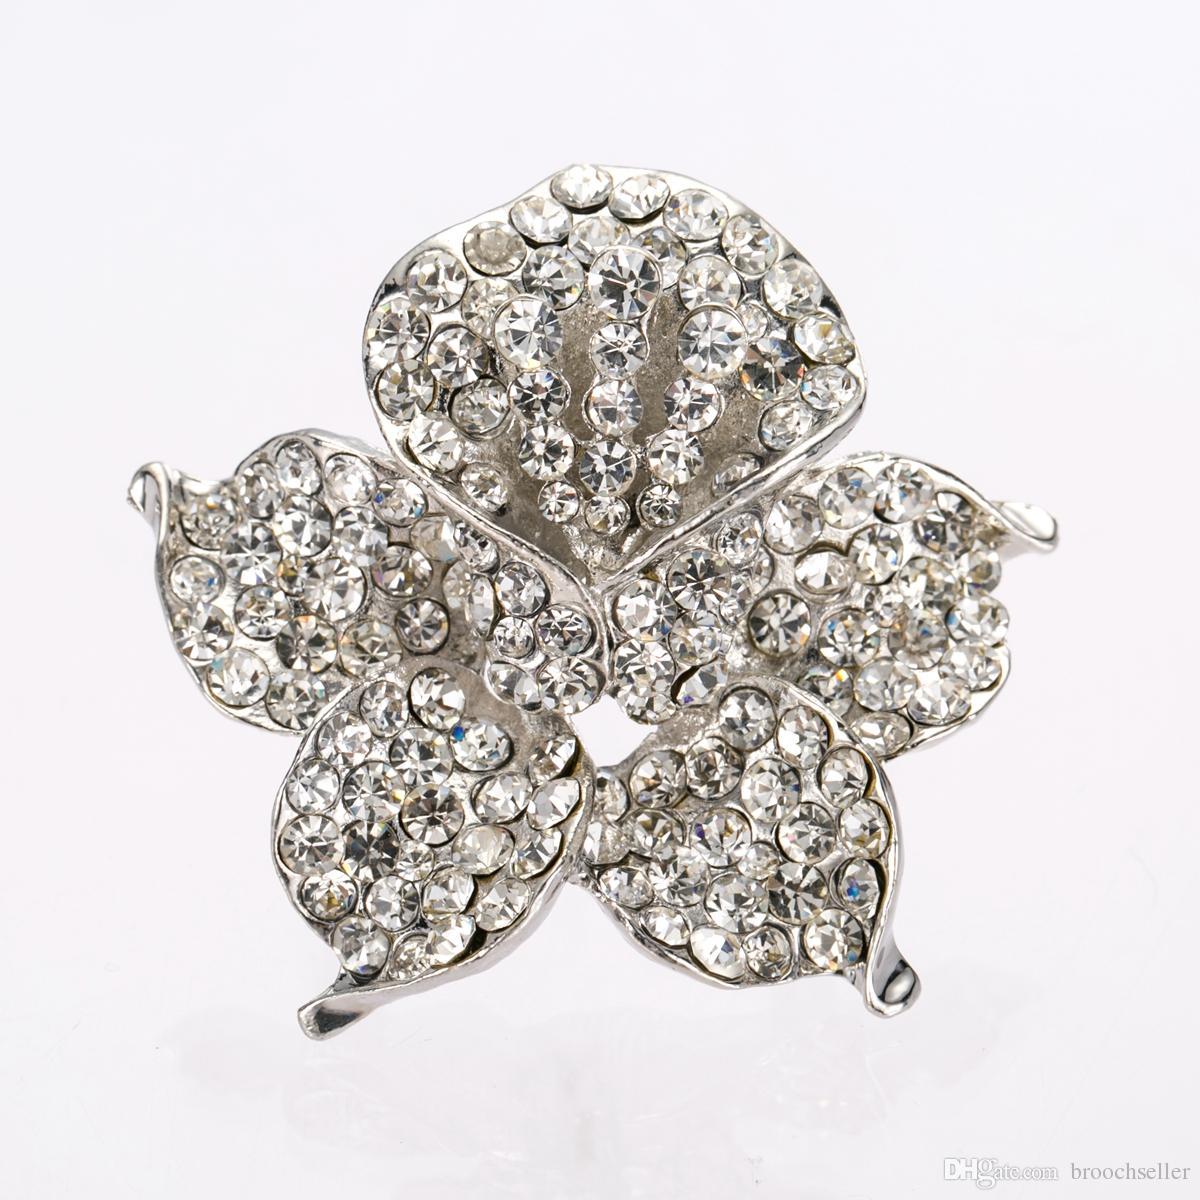 Rhodium Silber klar Strass Orchidee Blume Braut Brosche Hochzeit Brautjungfer Rose Pin Prom Party